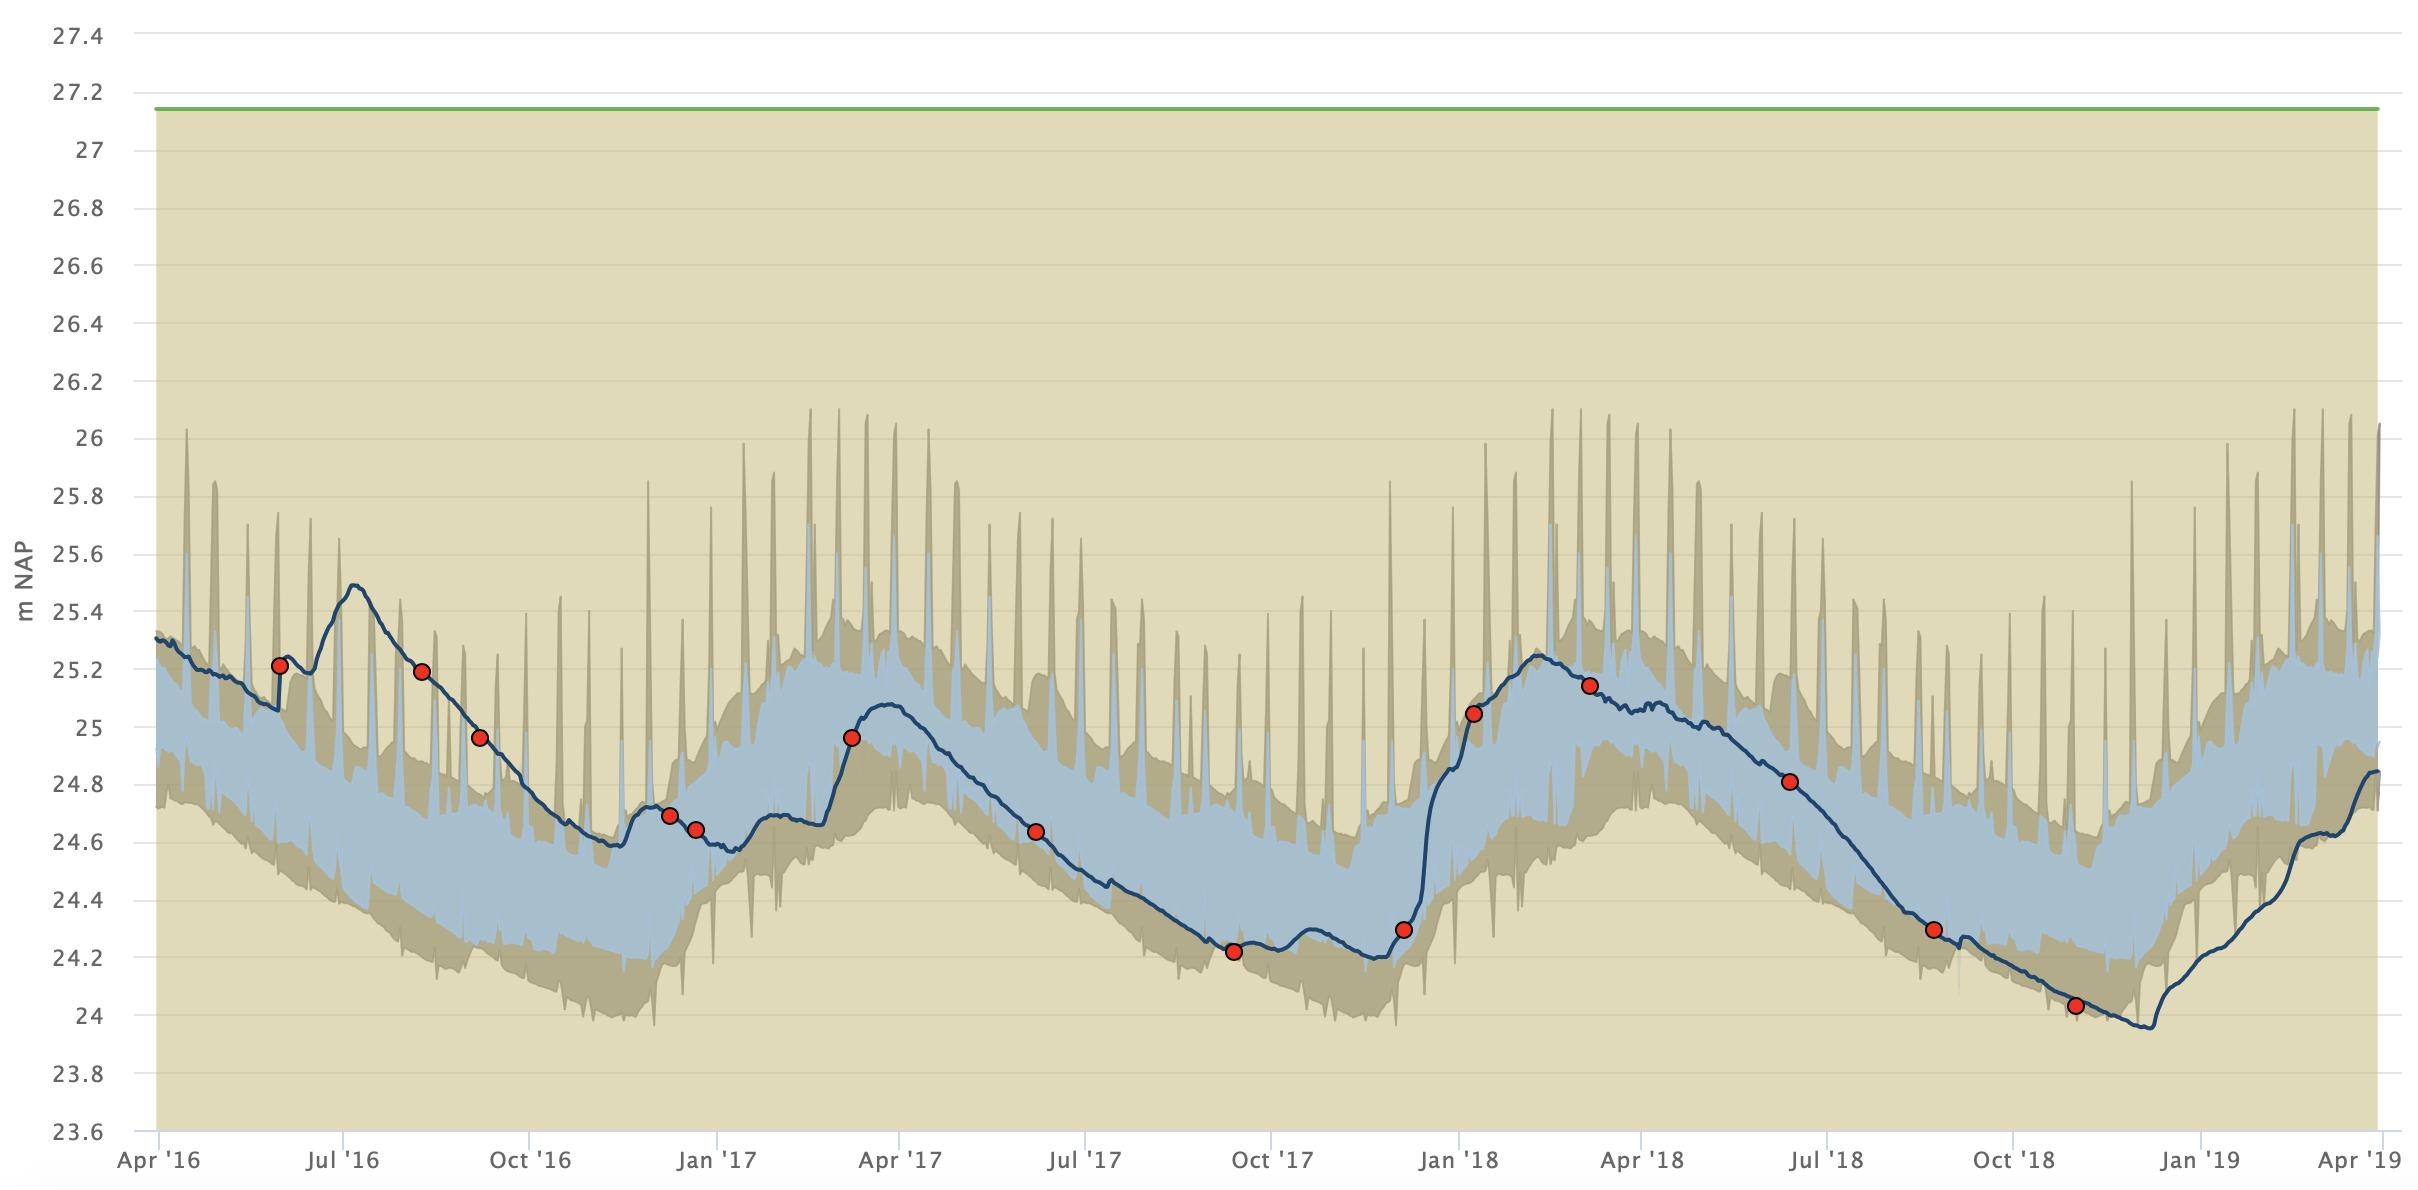 Grondwaterverloop op de Veluwe bij Otterloo in de laatste 3 jaar (bron: https://opendata.munisense.net/portal/vitens-water/group/6/provincie-gelderland)